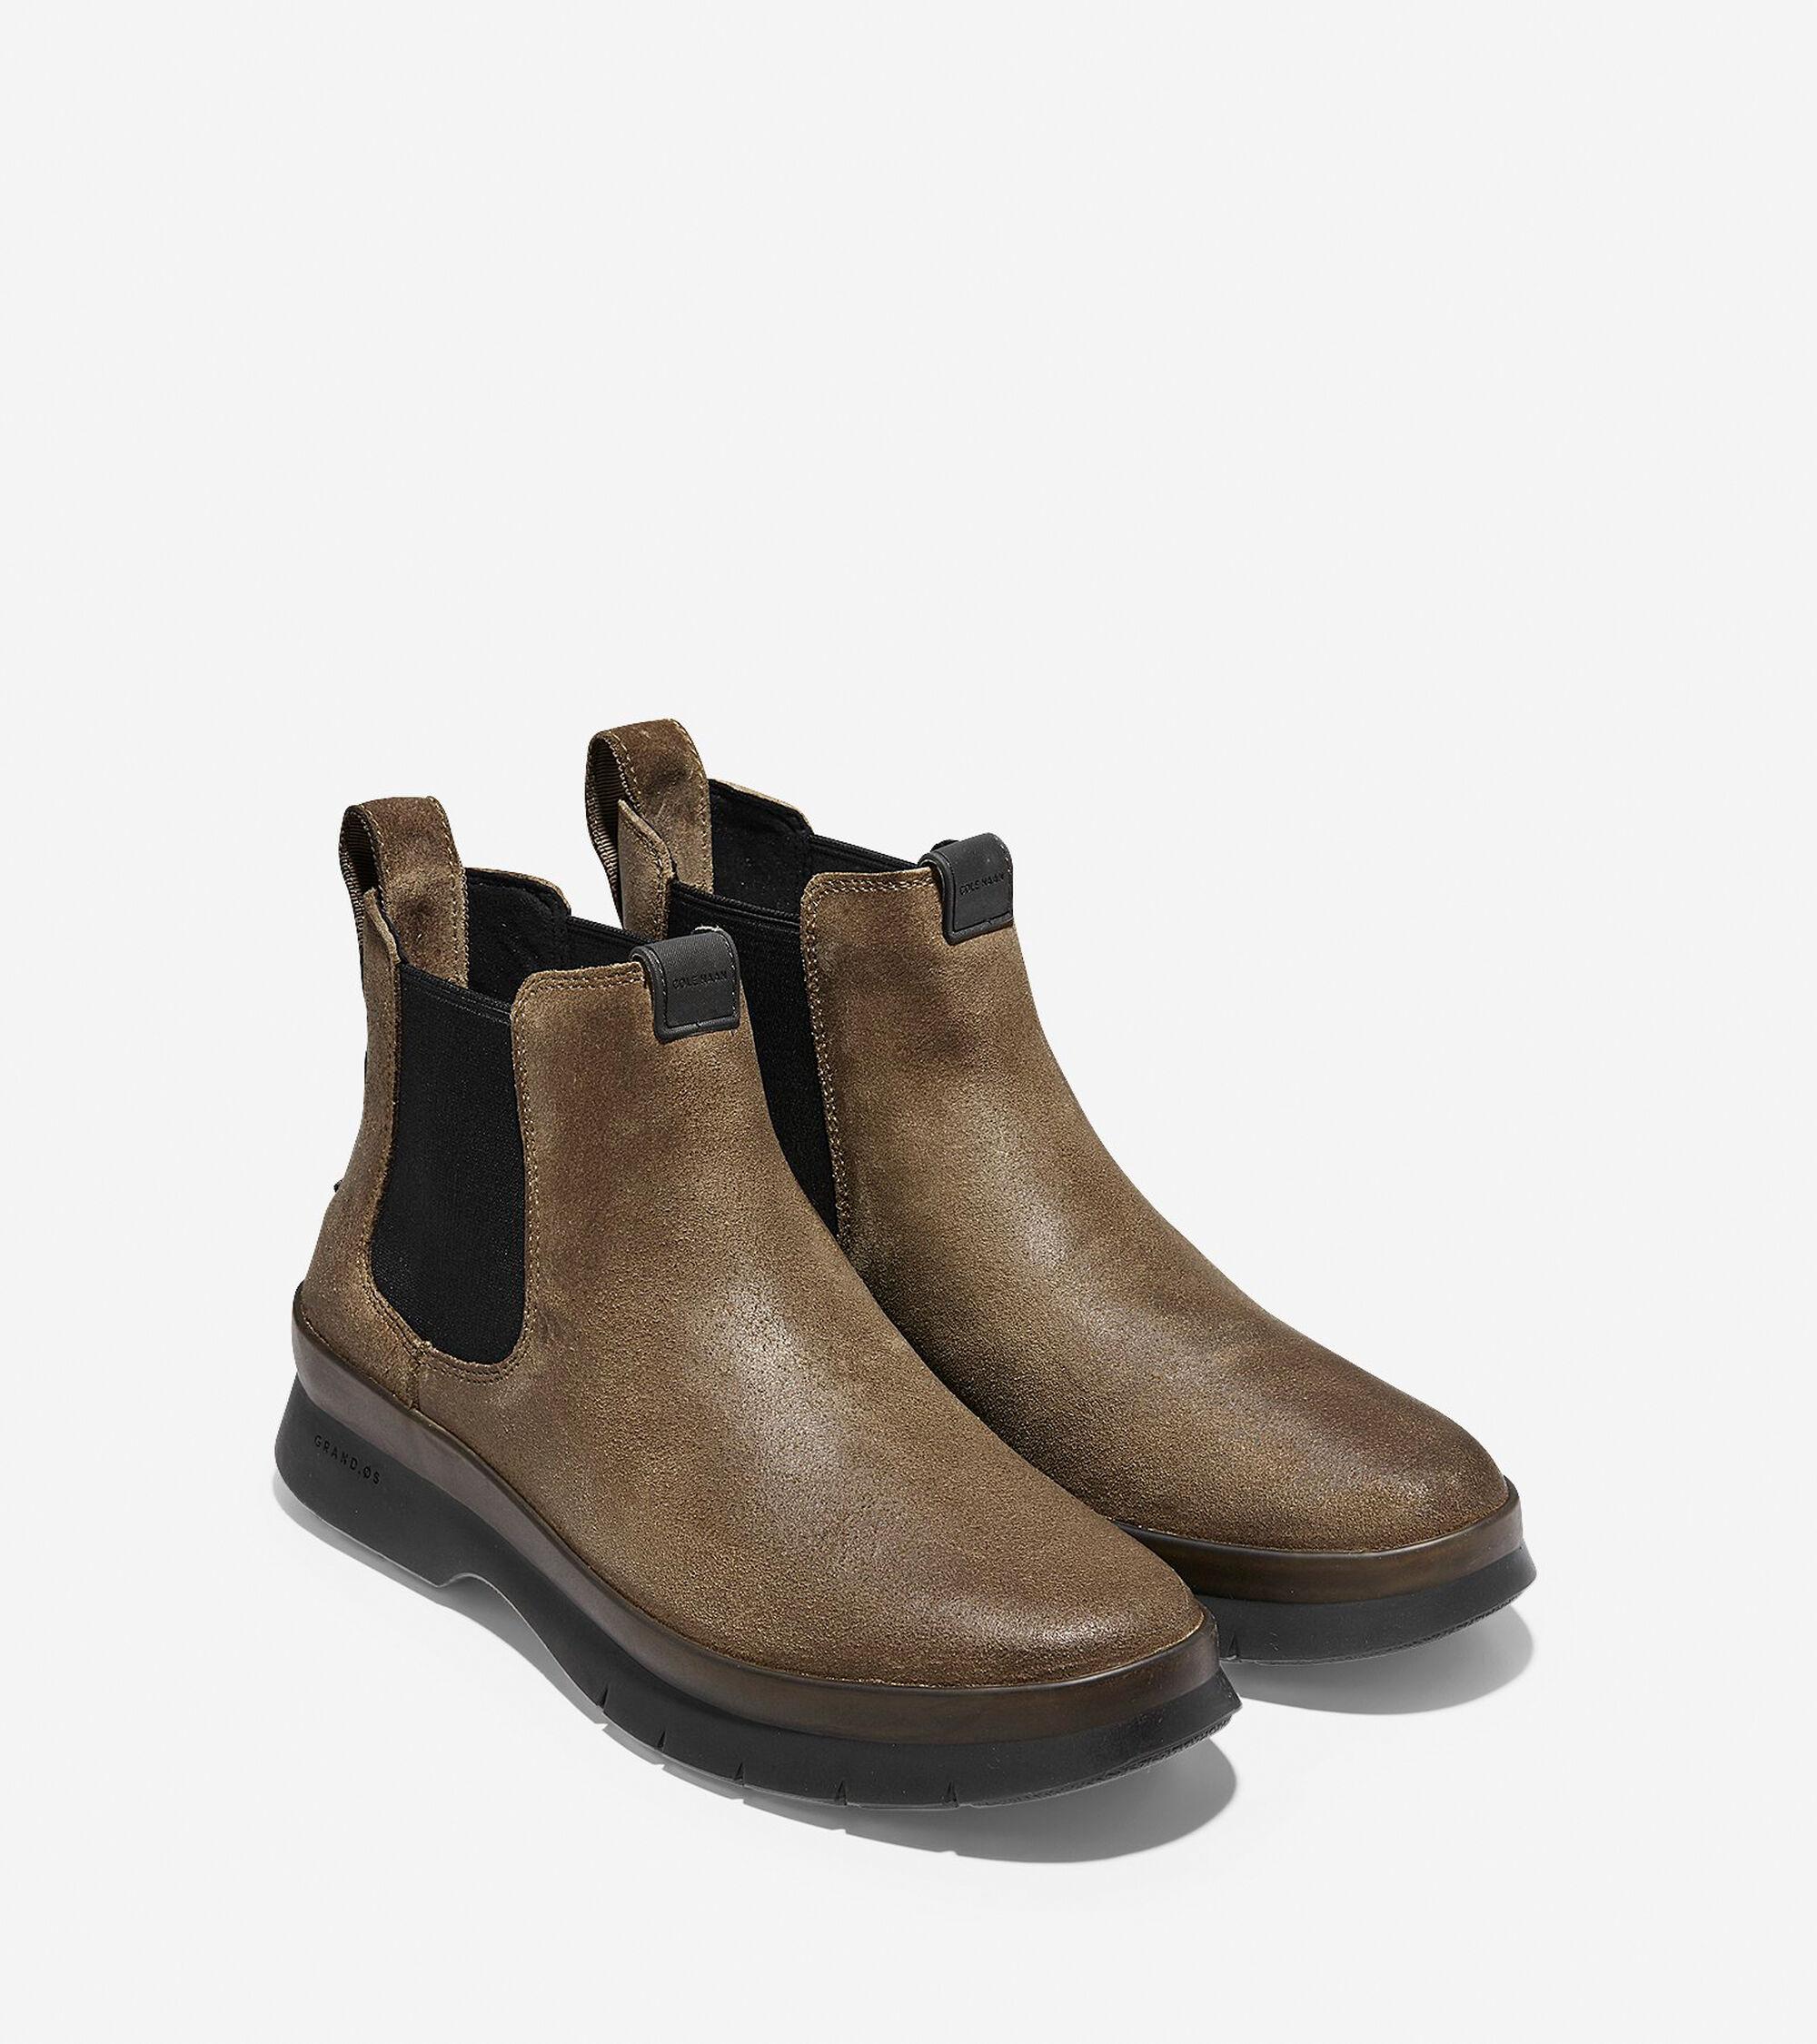 fce45363787 Men s Pinch Utility Waterproof Chelsea Boots in Chamois-Black